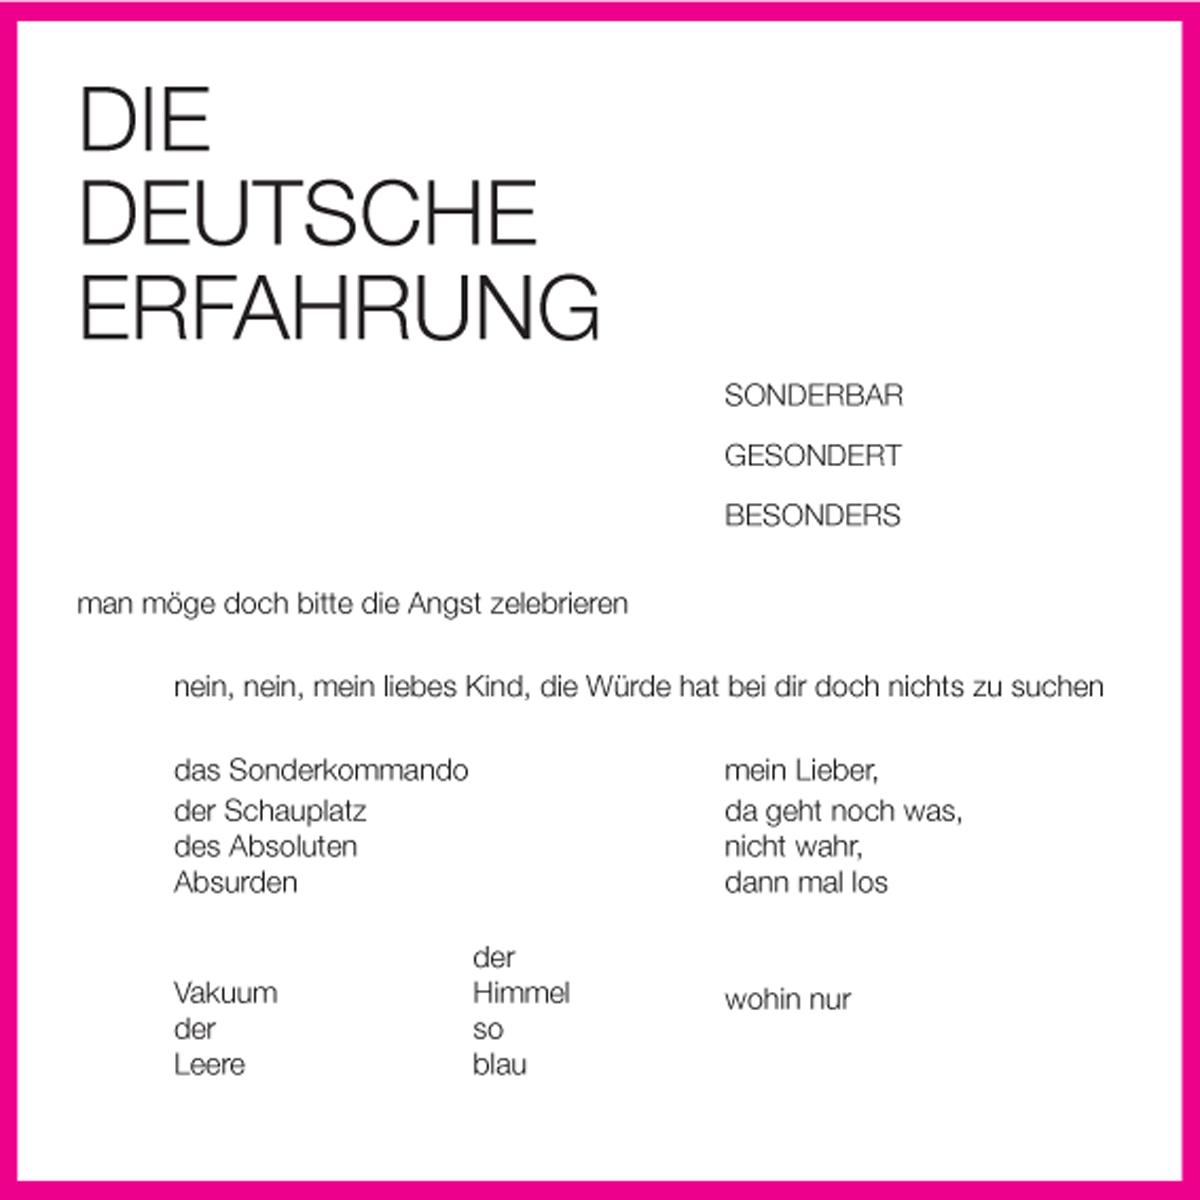 Die deutsche Erfahrung